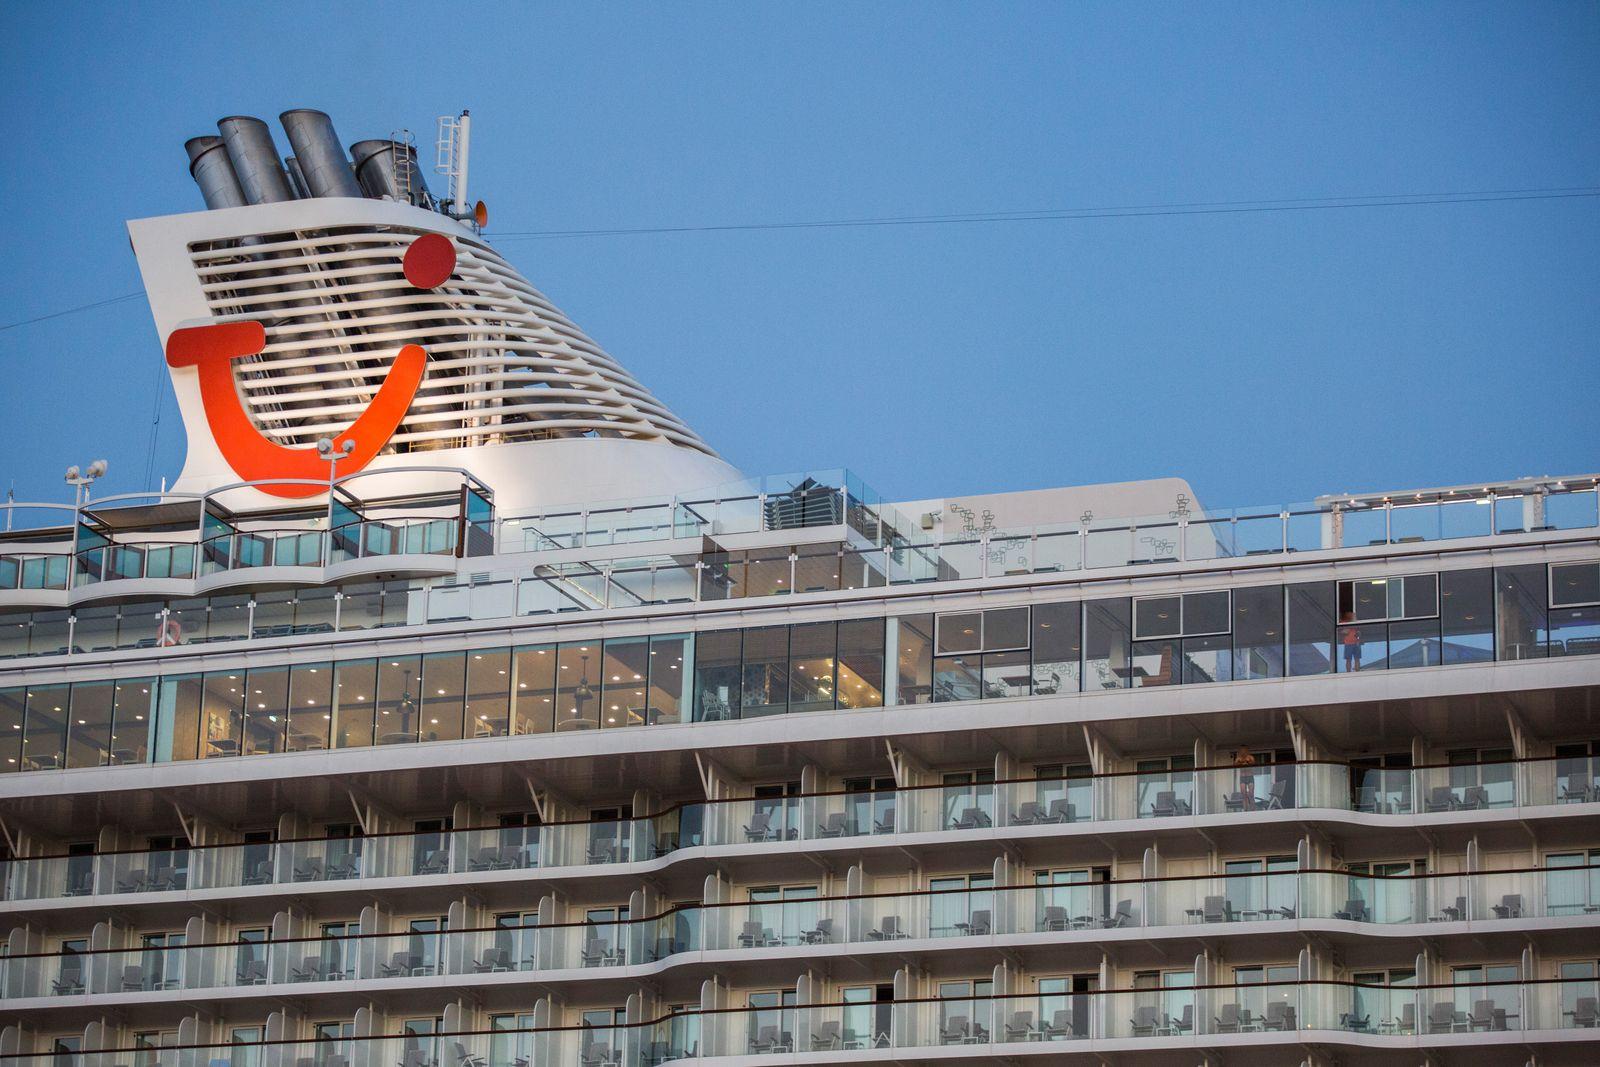 «Mein Schiff 6» mit Corona-Fällen an Bord in Piräus